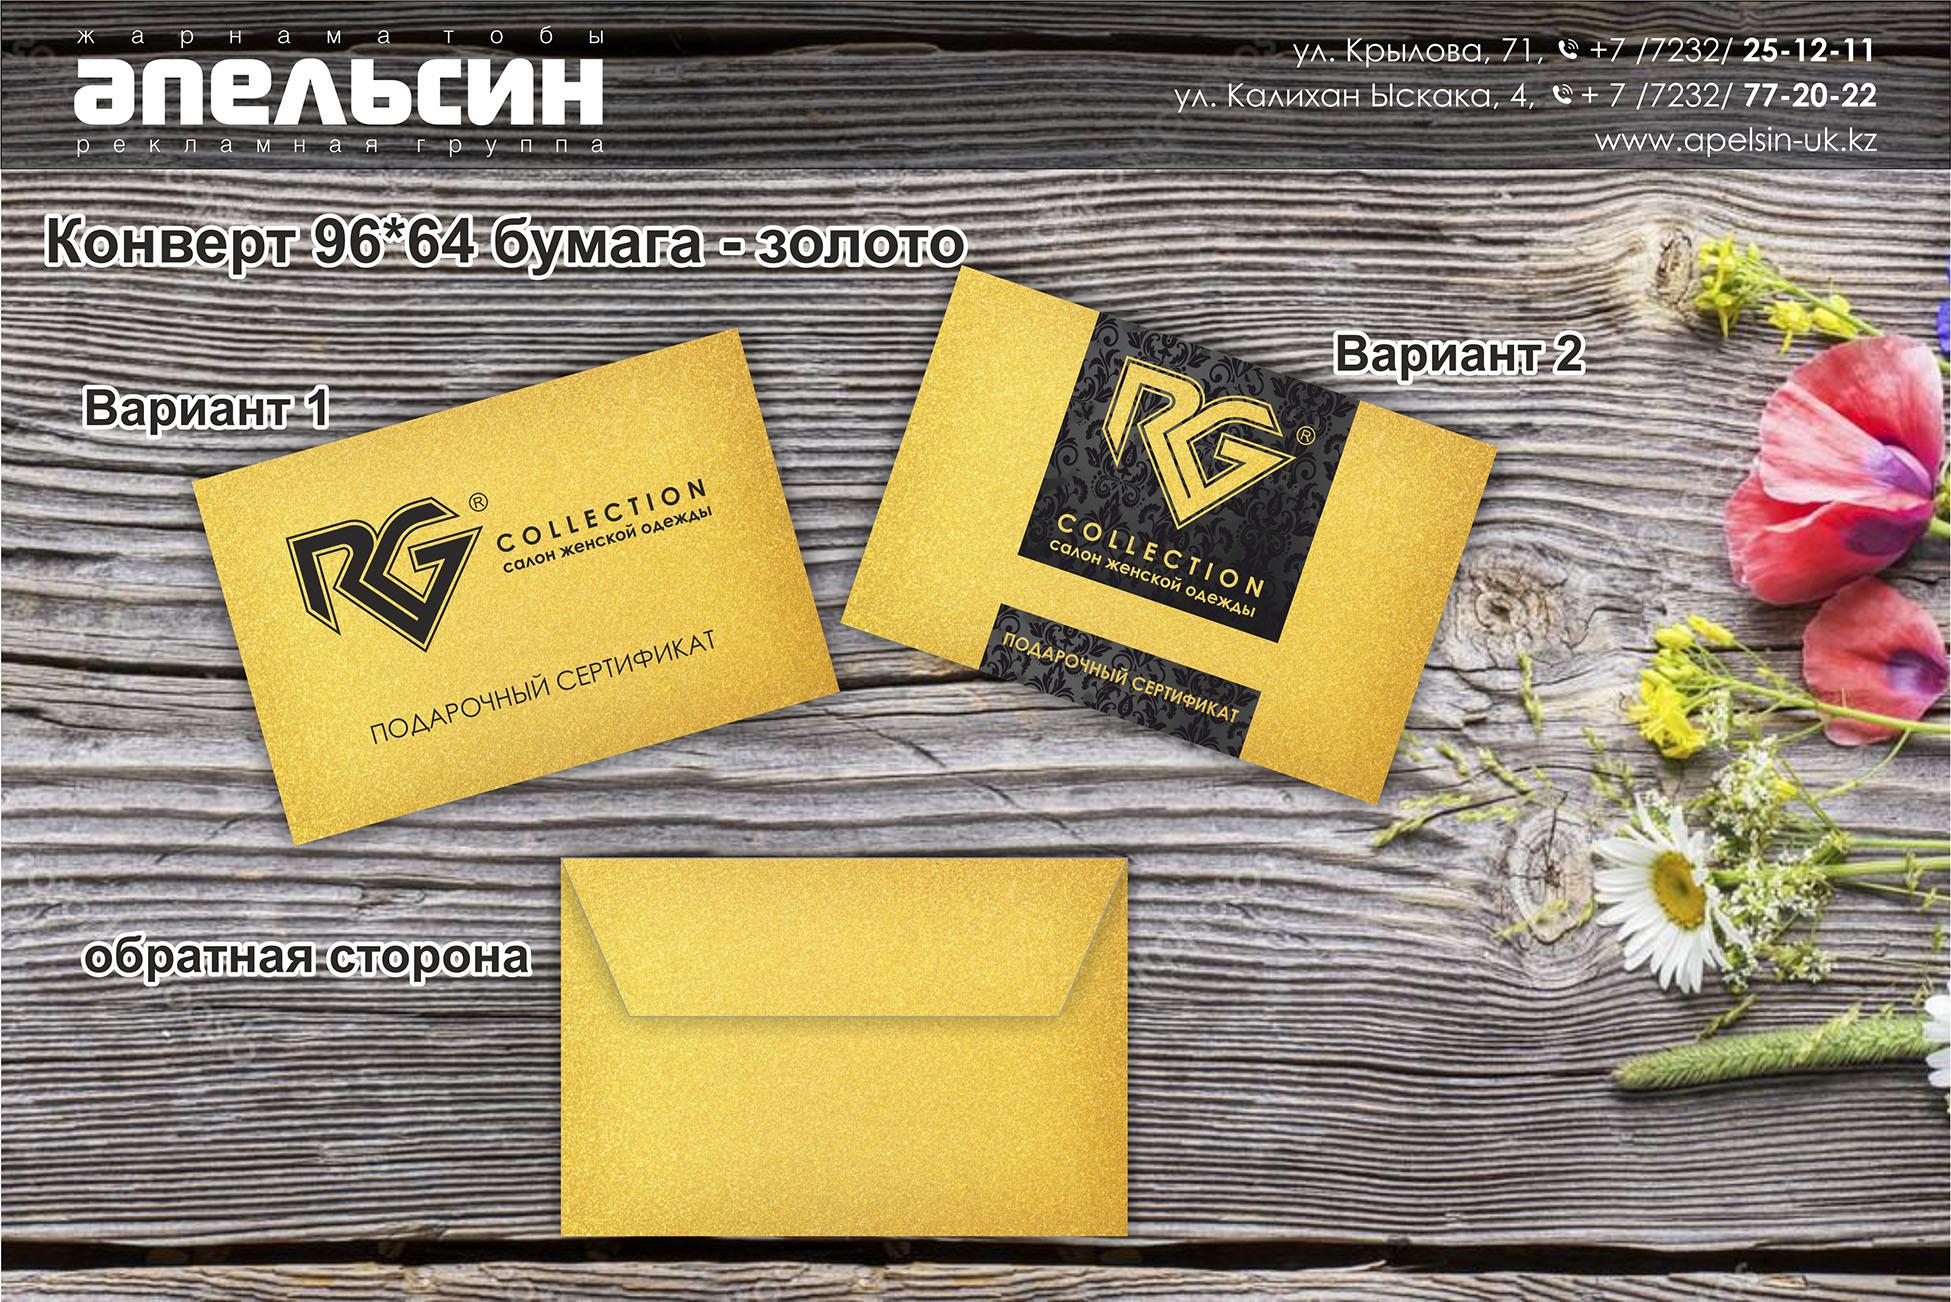 Конверт для подарочного сертификата, изготовление подарочных сертификатов